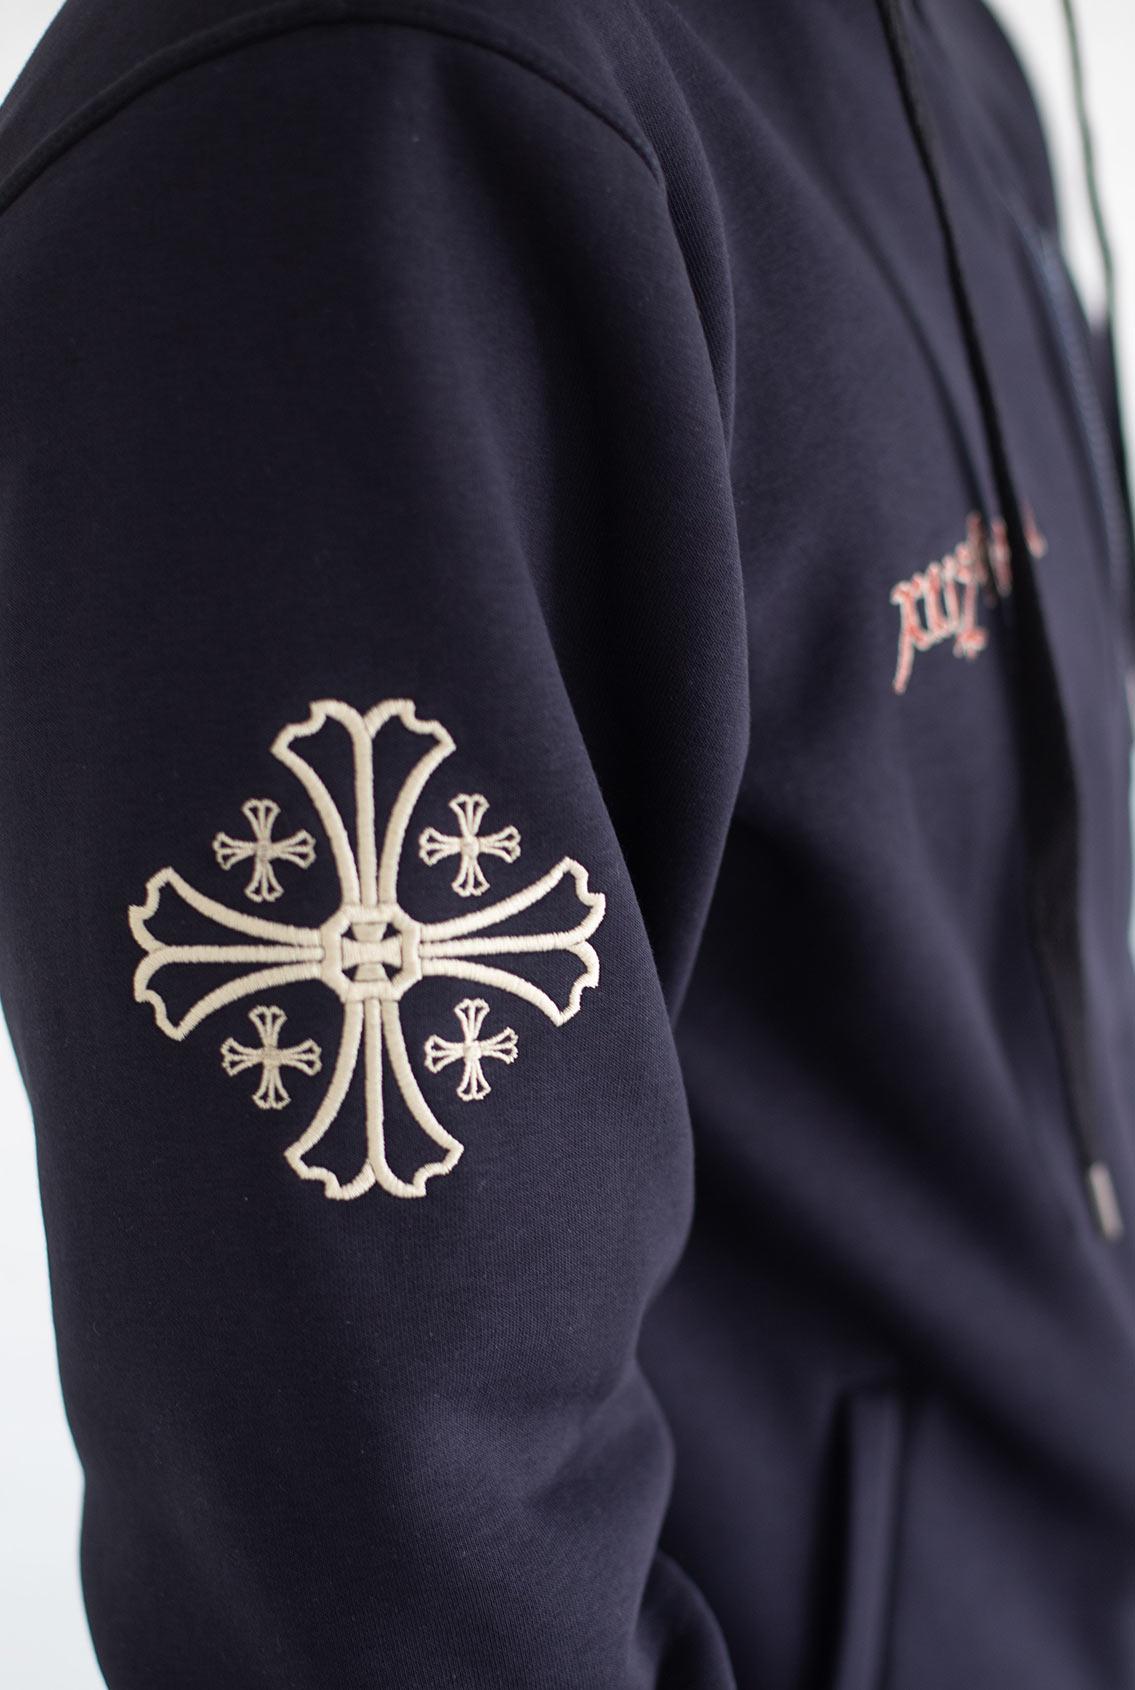 Крест на одежде